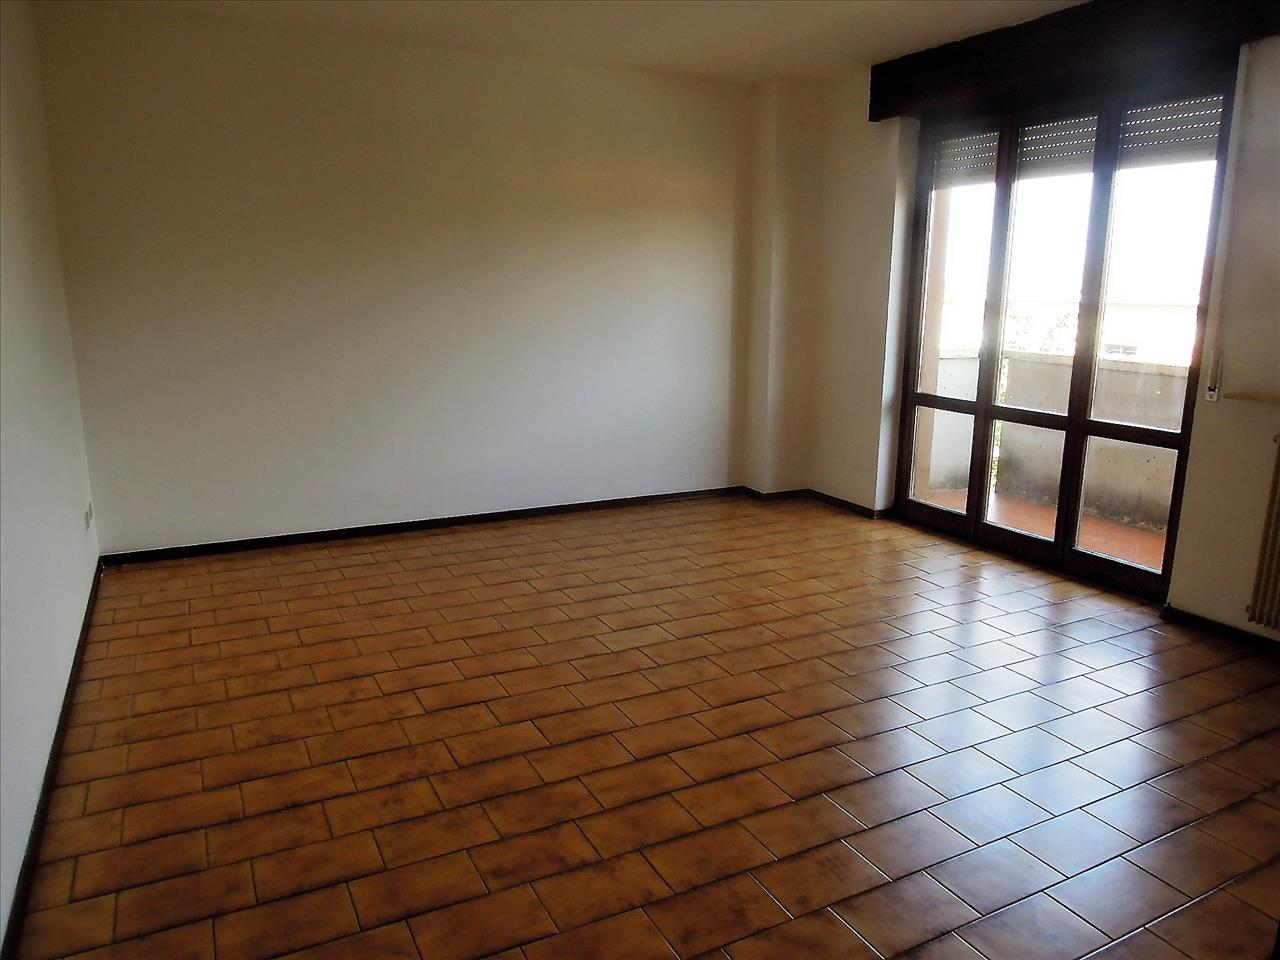 Appartamento in vendita a Vigolzone, 9999 locali, Trattative riservate | CambioCasa.it